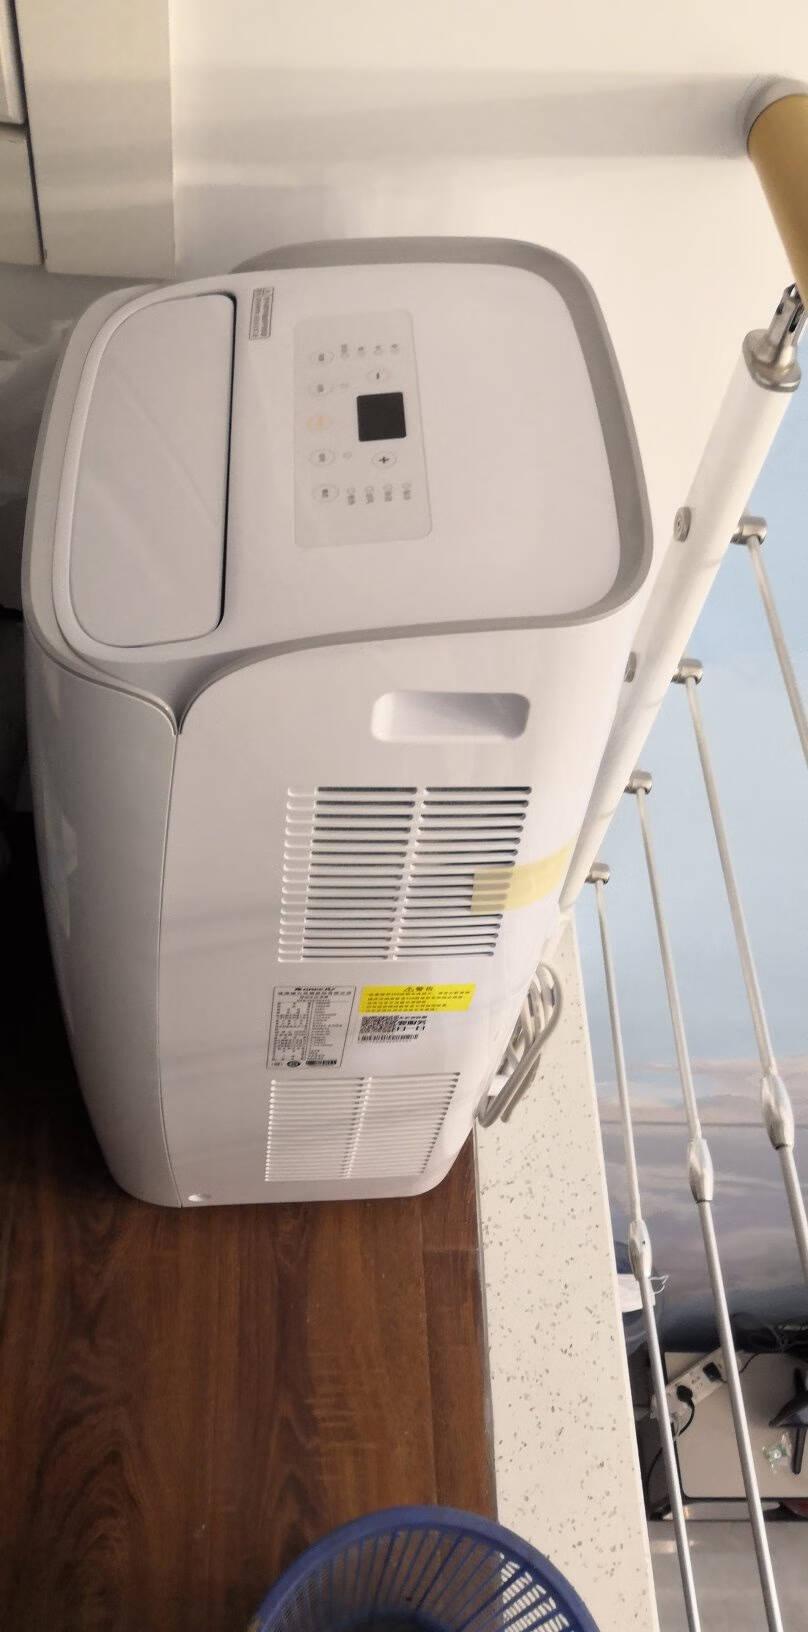 格力(GREE)移动空调单冷可移动正1.5匹家用客厅出租房便捷立式空调可除湿KY-35/NANA1A